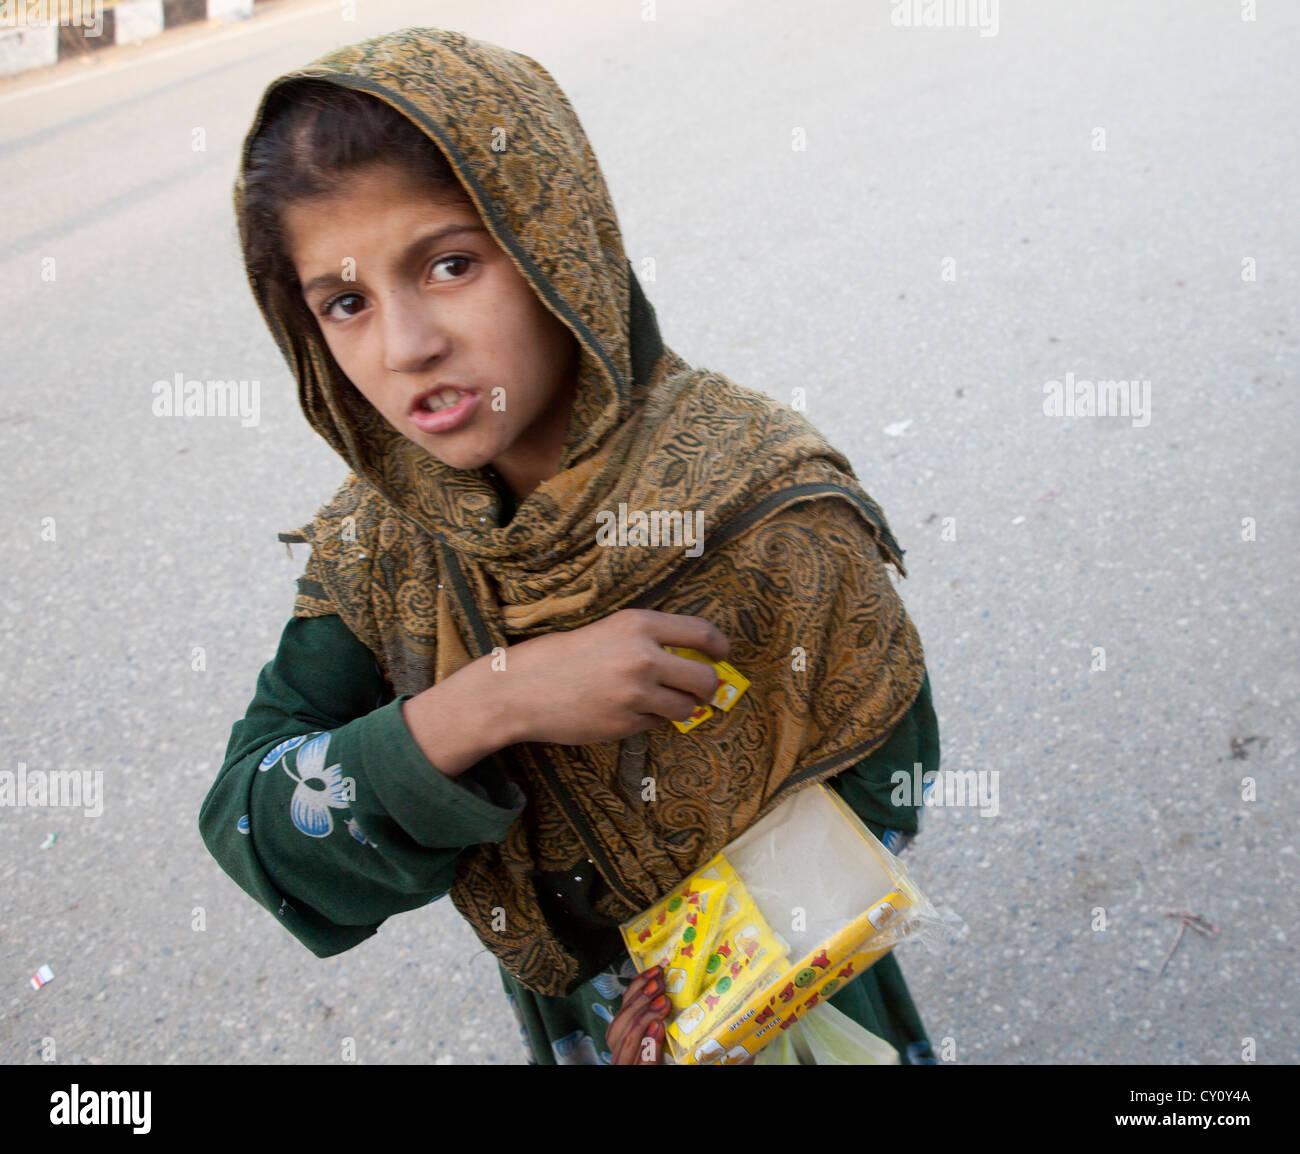 beggers in Kunduz town, Afghanistan - Stock Image